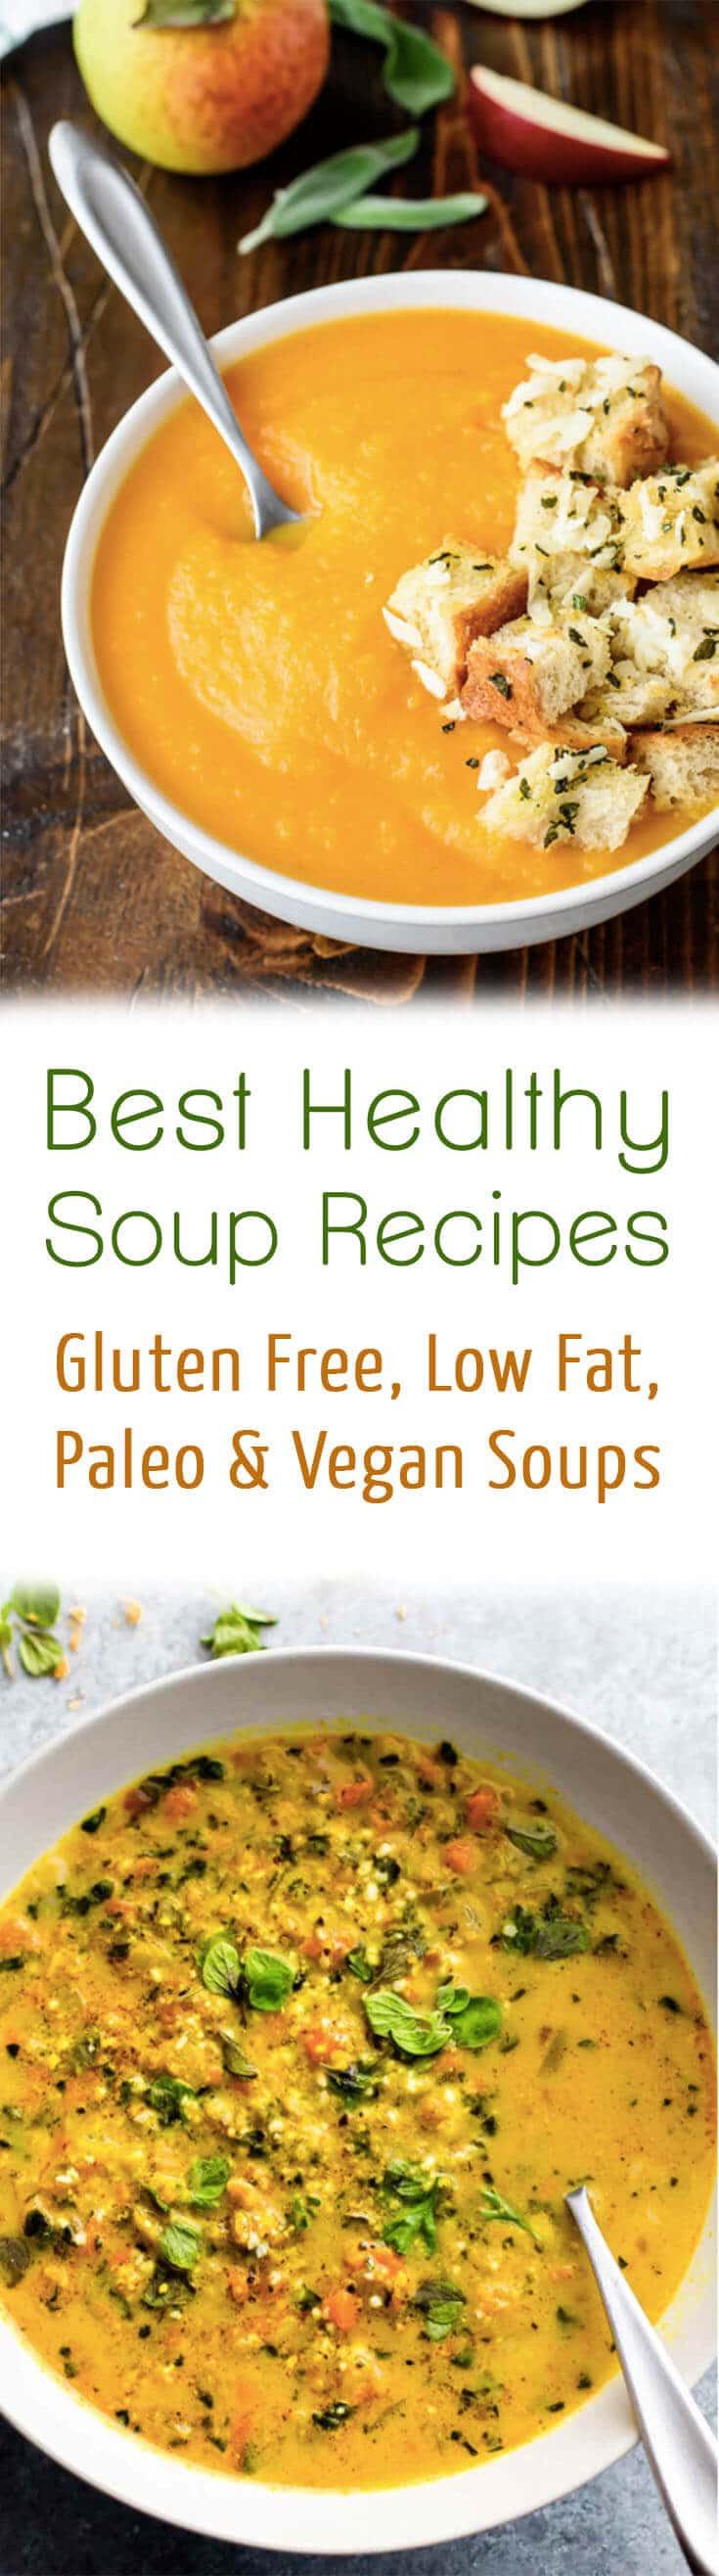 Healthy Low Calorie Soups  10 Best Healthy Soup Recipes